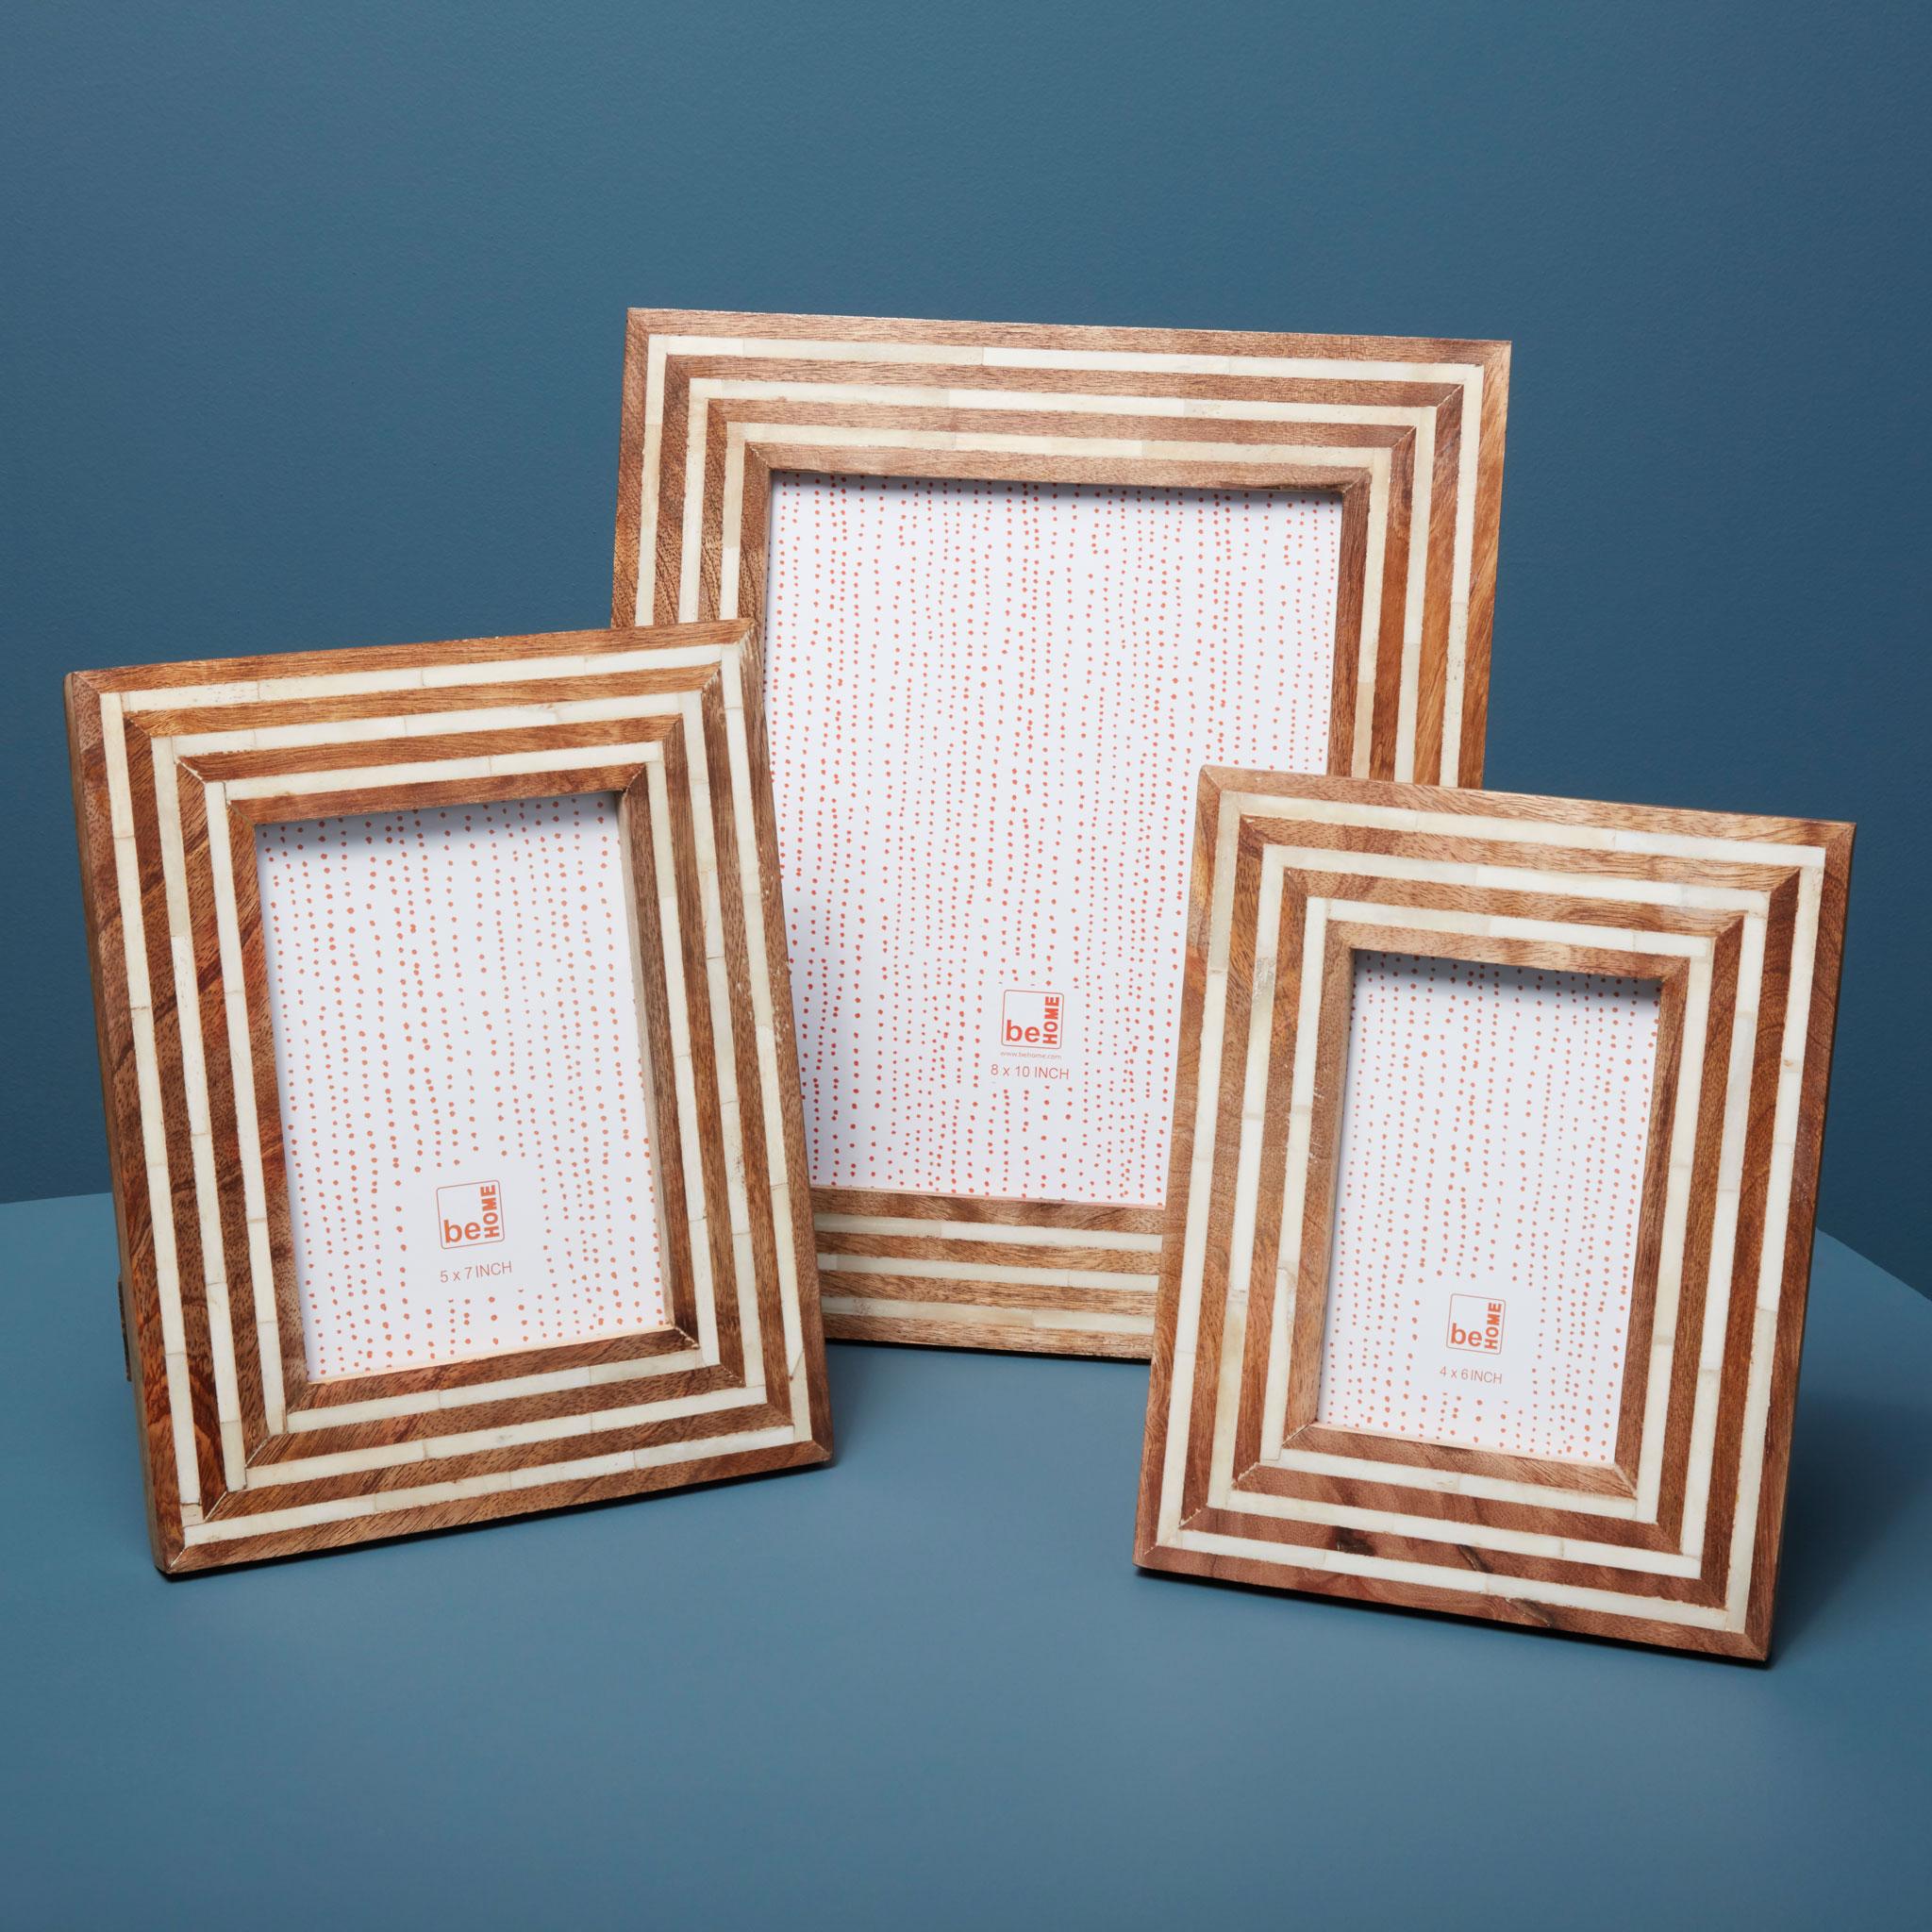 Wood and Bone Striped Frame 2